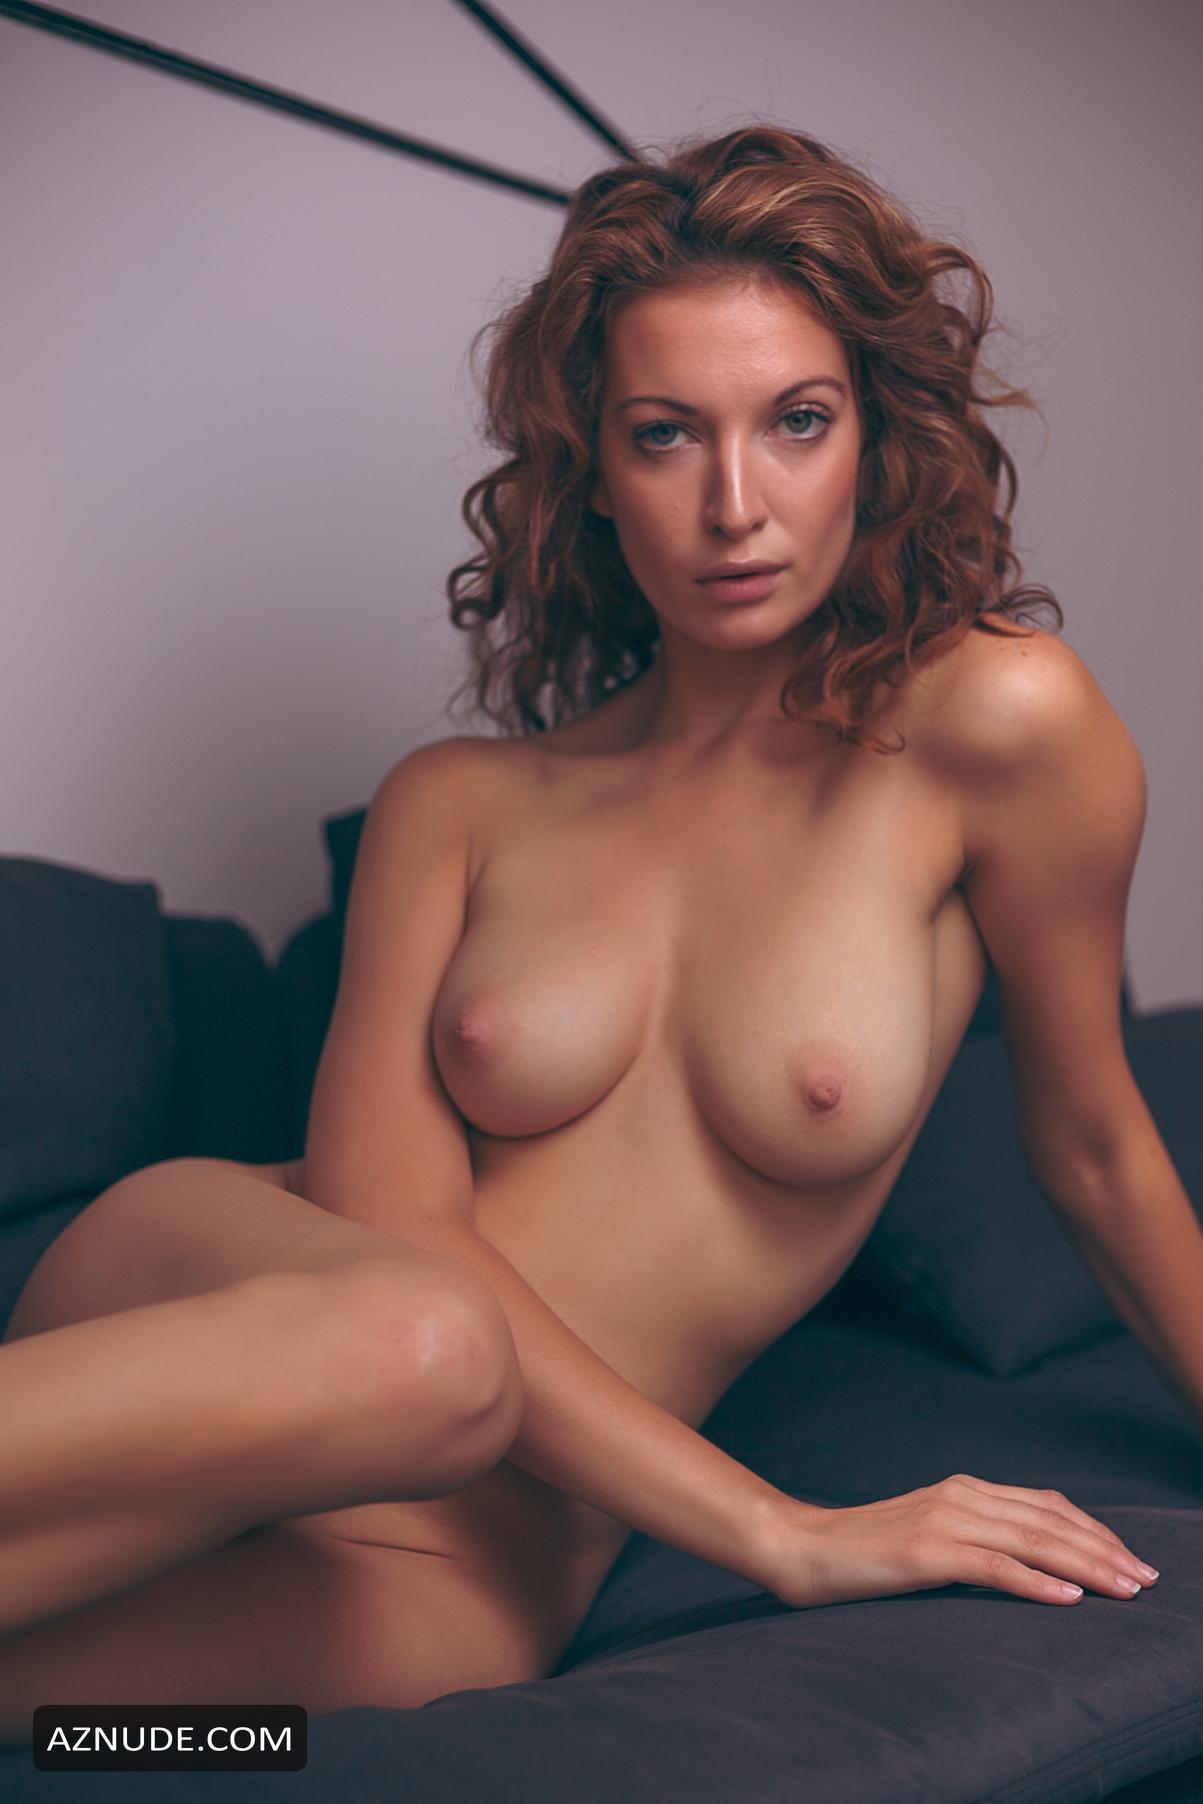 Sexy Elizabeth Rabbit Nude Photos